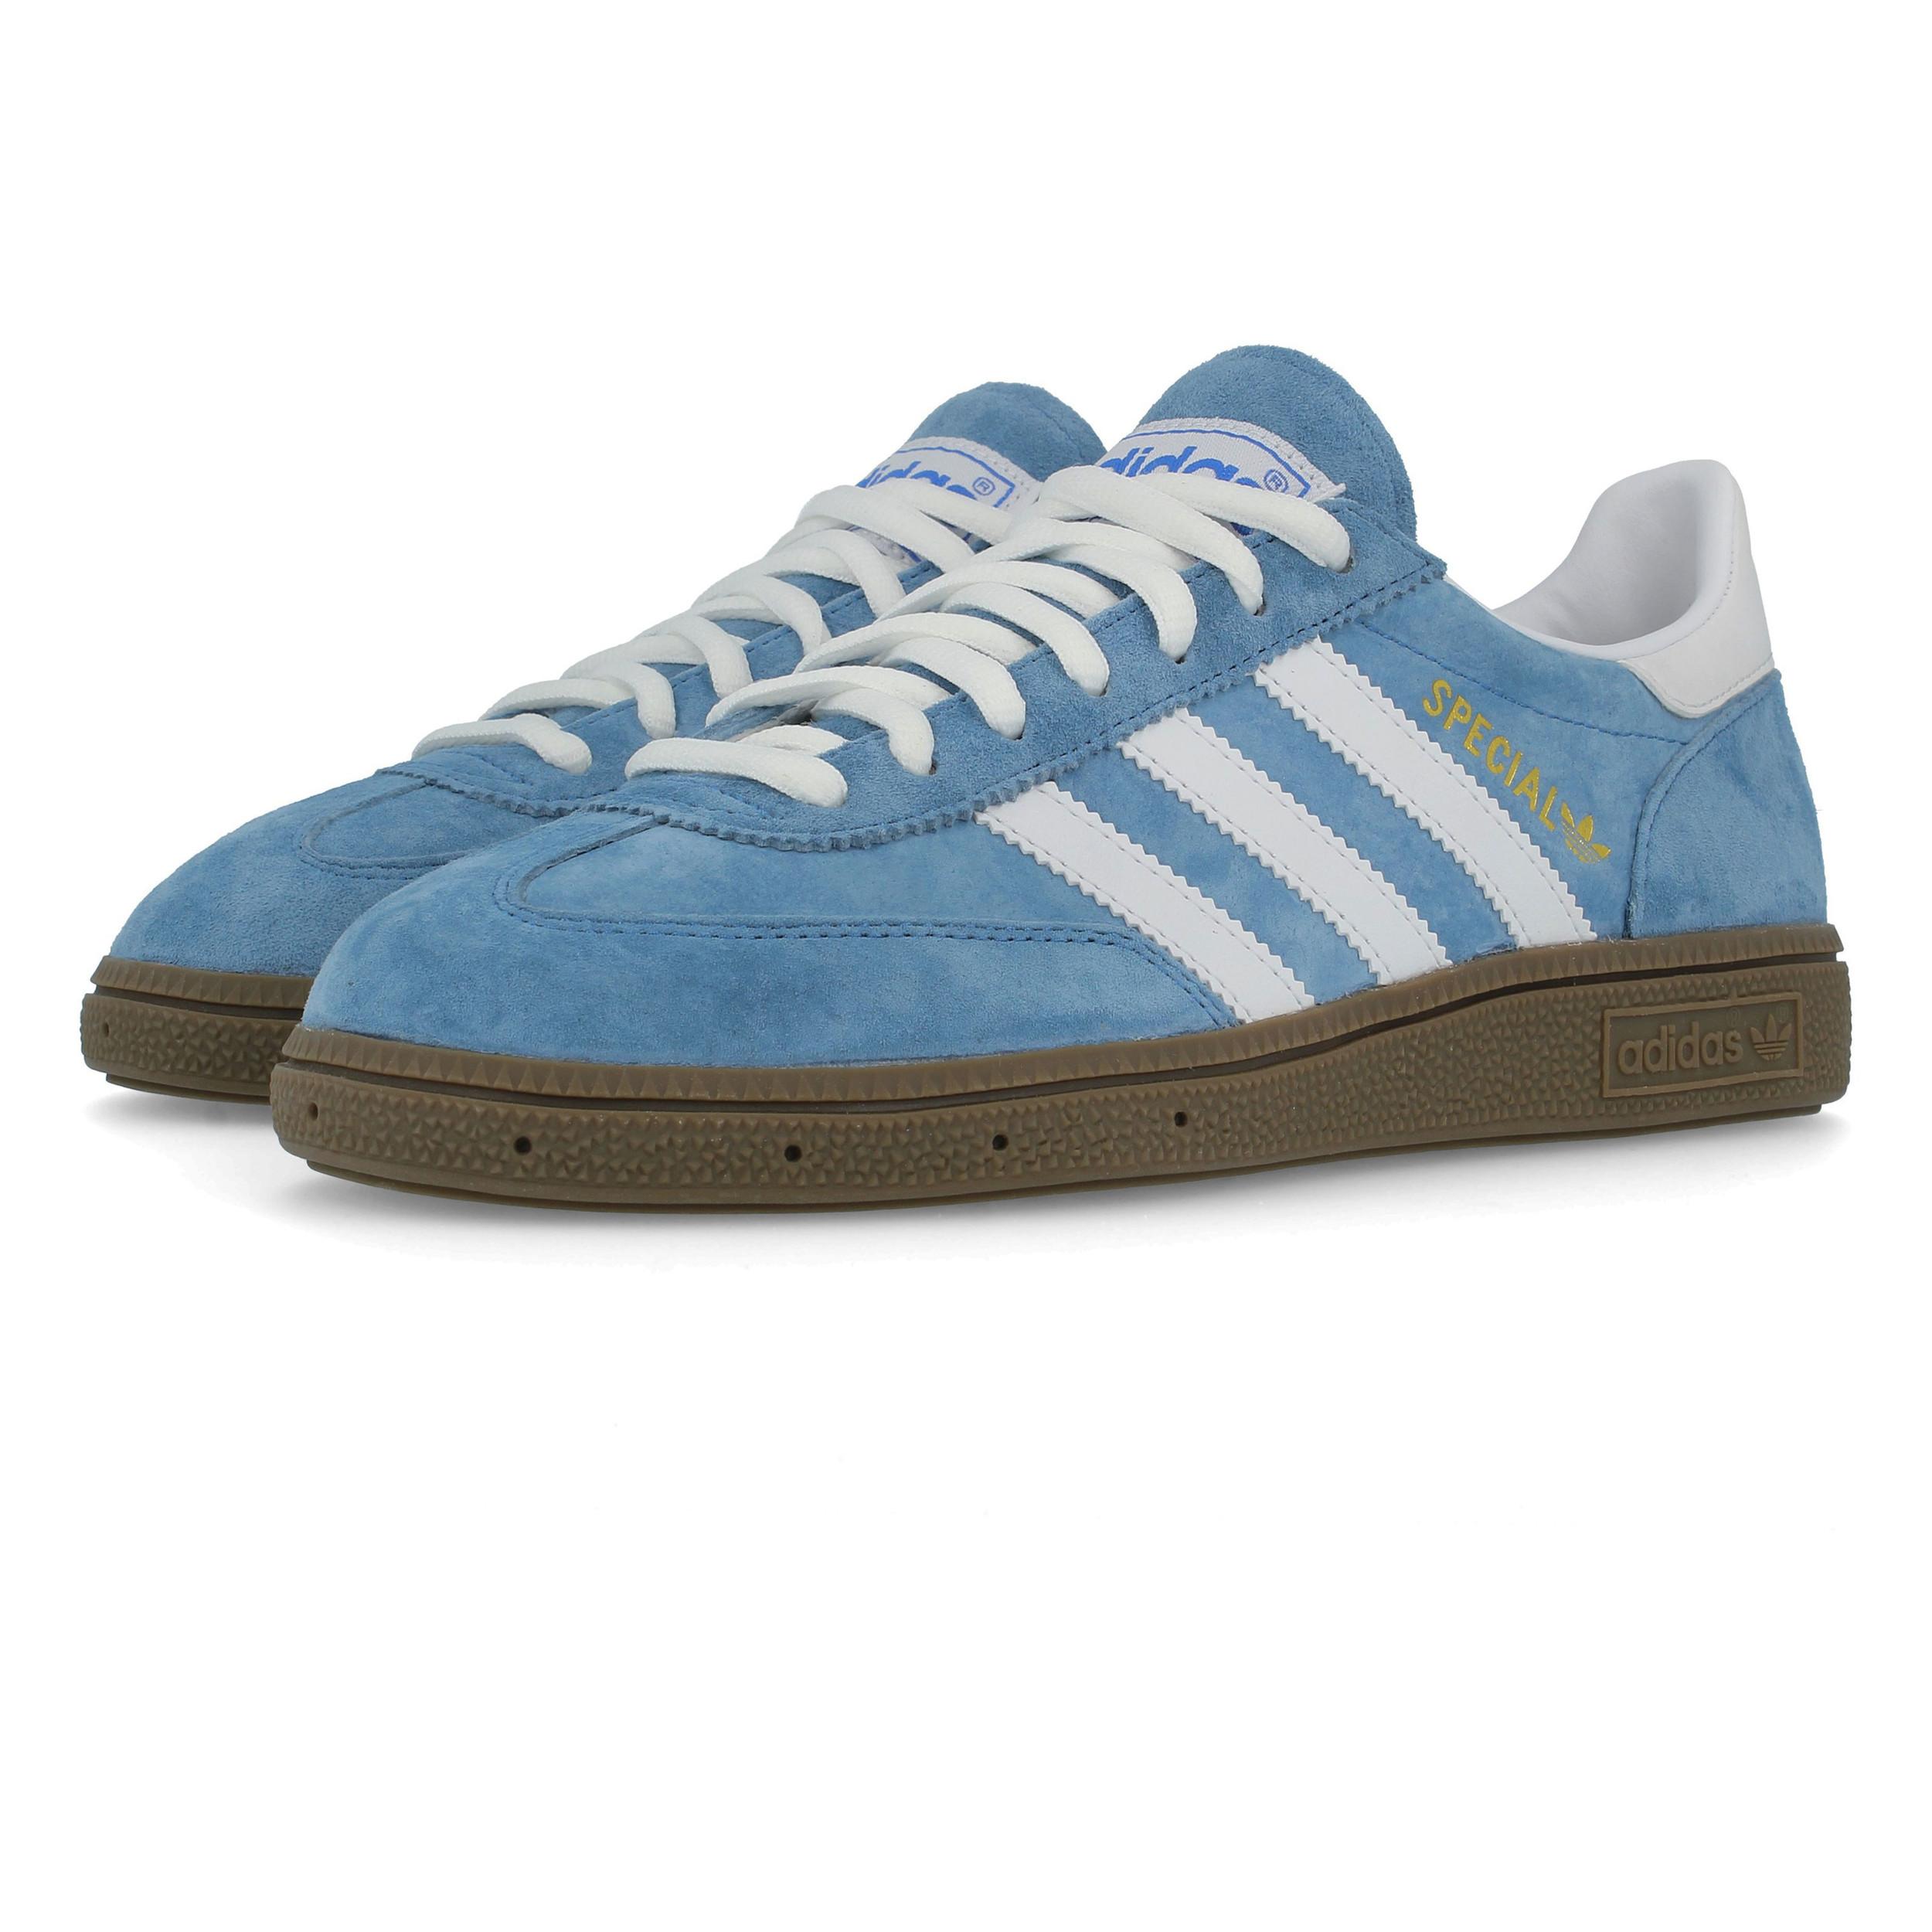 Détails sur Adidas Homme Spezial Indoor Chaussures Bleu Sports Léger en Cuir et Daim Baskets afficher le titre d'origine